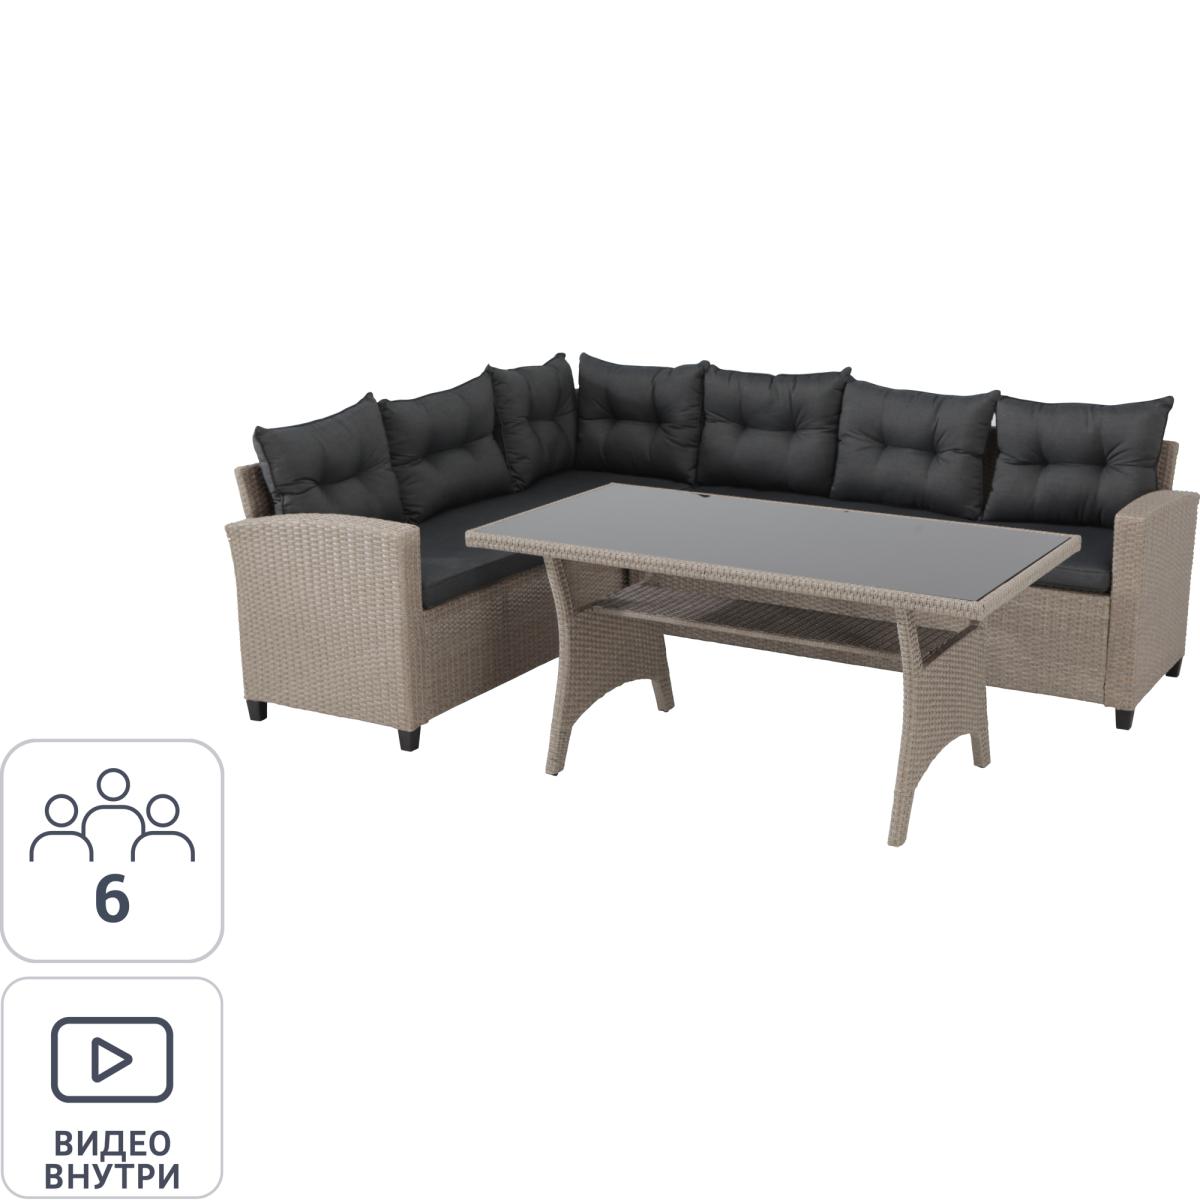 Набор садовой мебели Ottoman угловой полиротанг бежевый с черным стол и диван